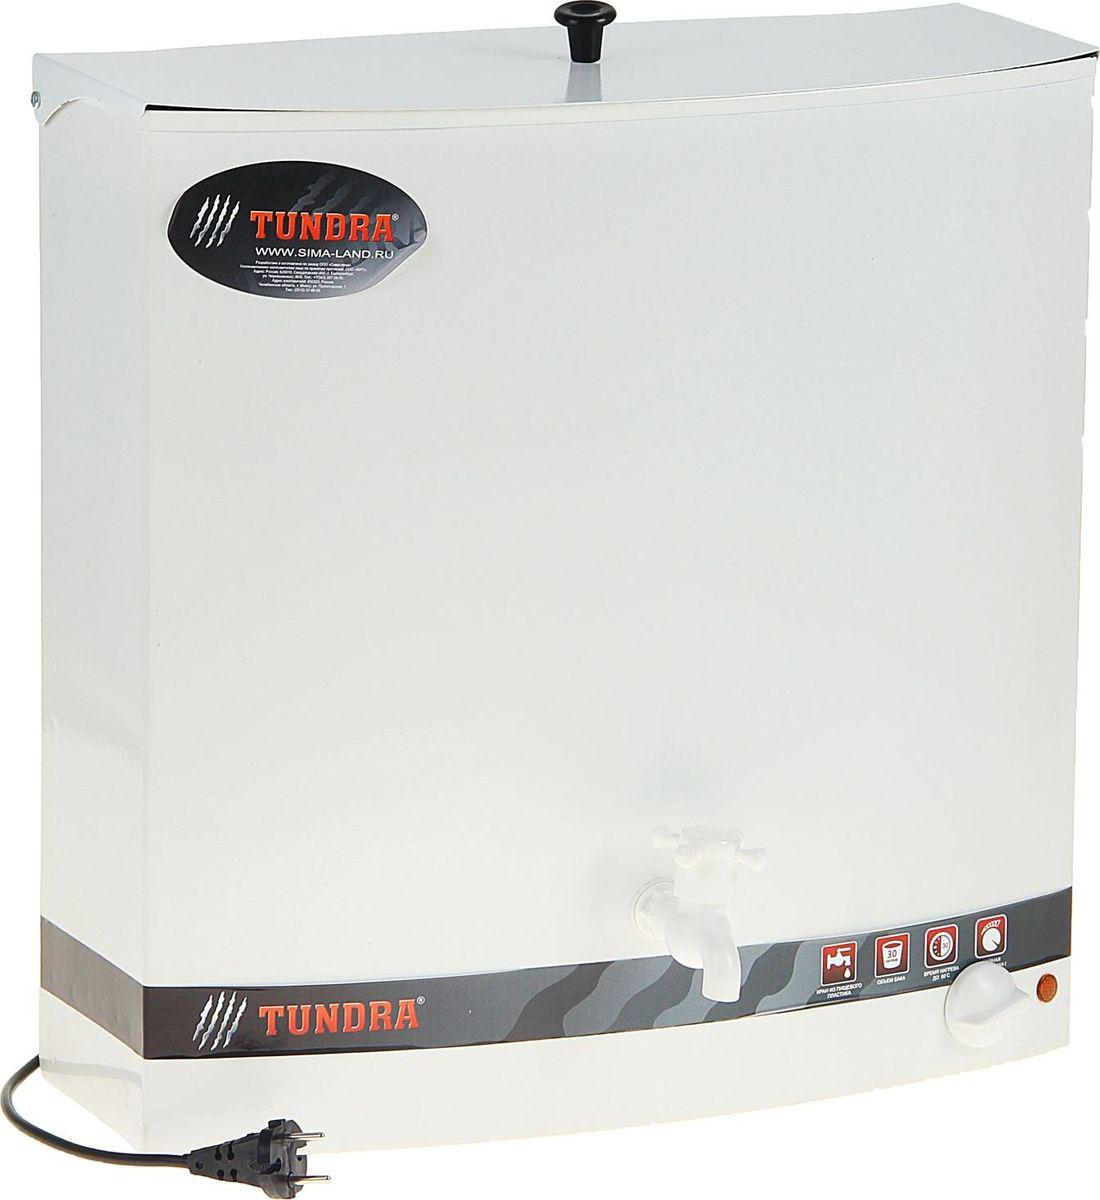 Бак настенный Tundra, с электроводонагревателем, цвет: белый, 30 л